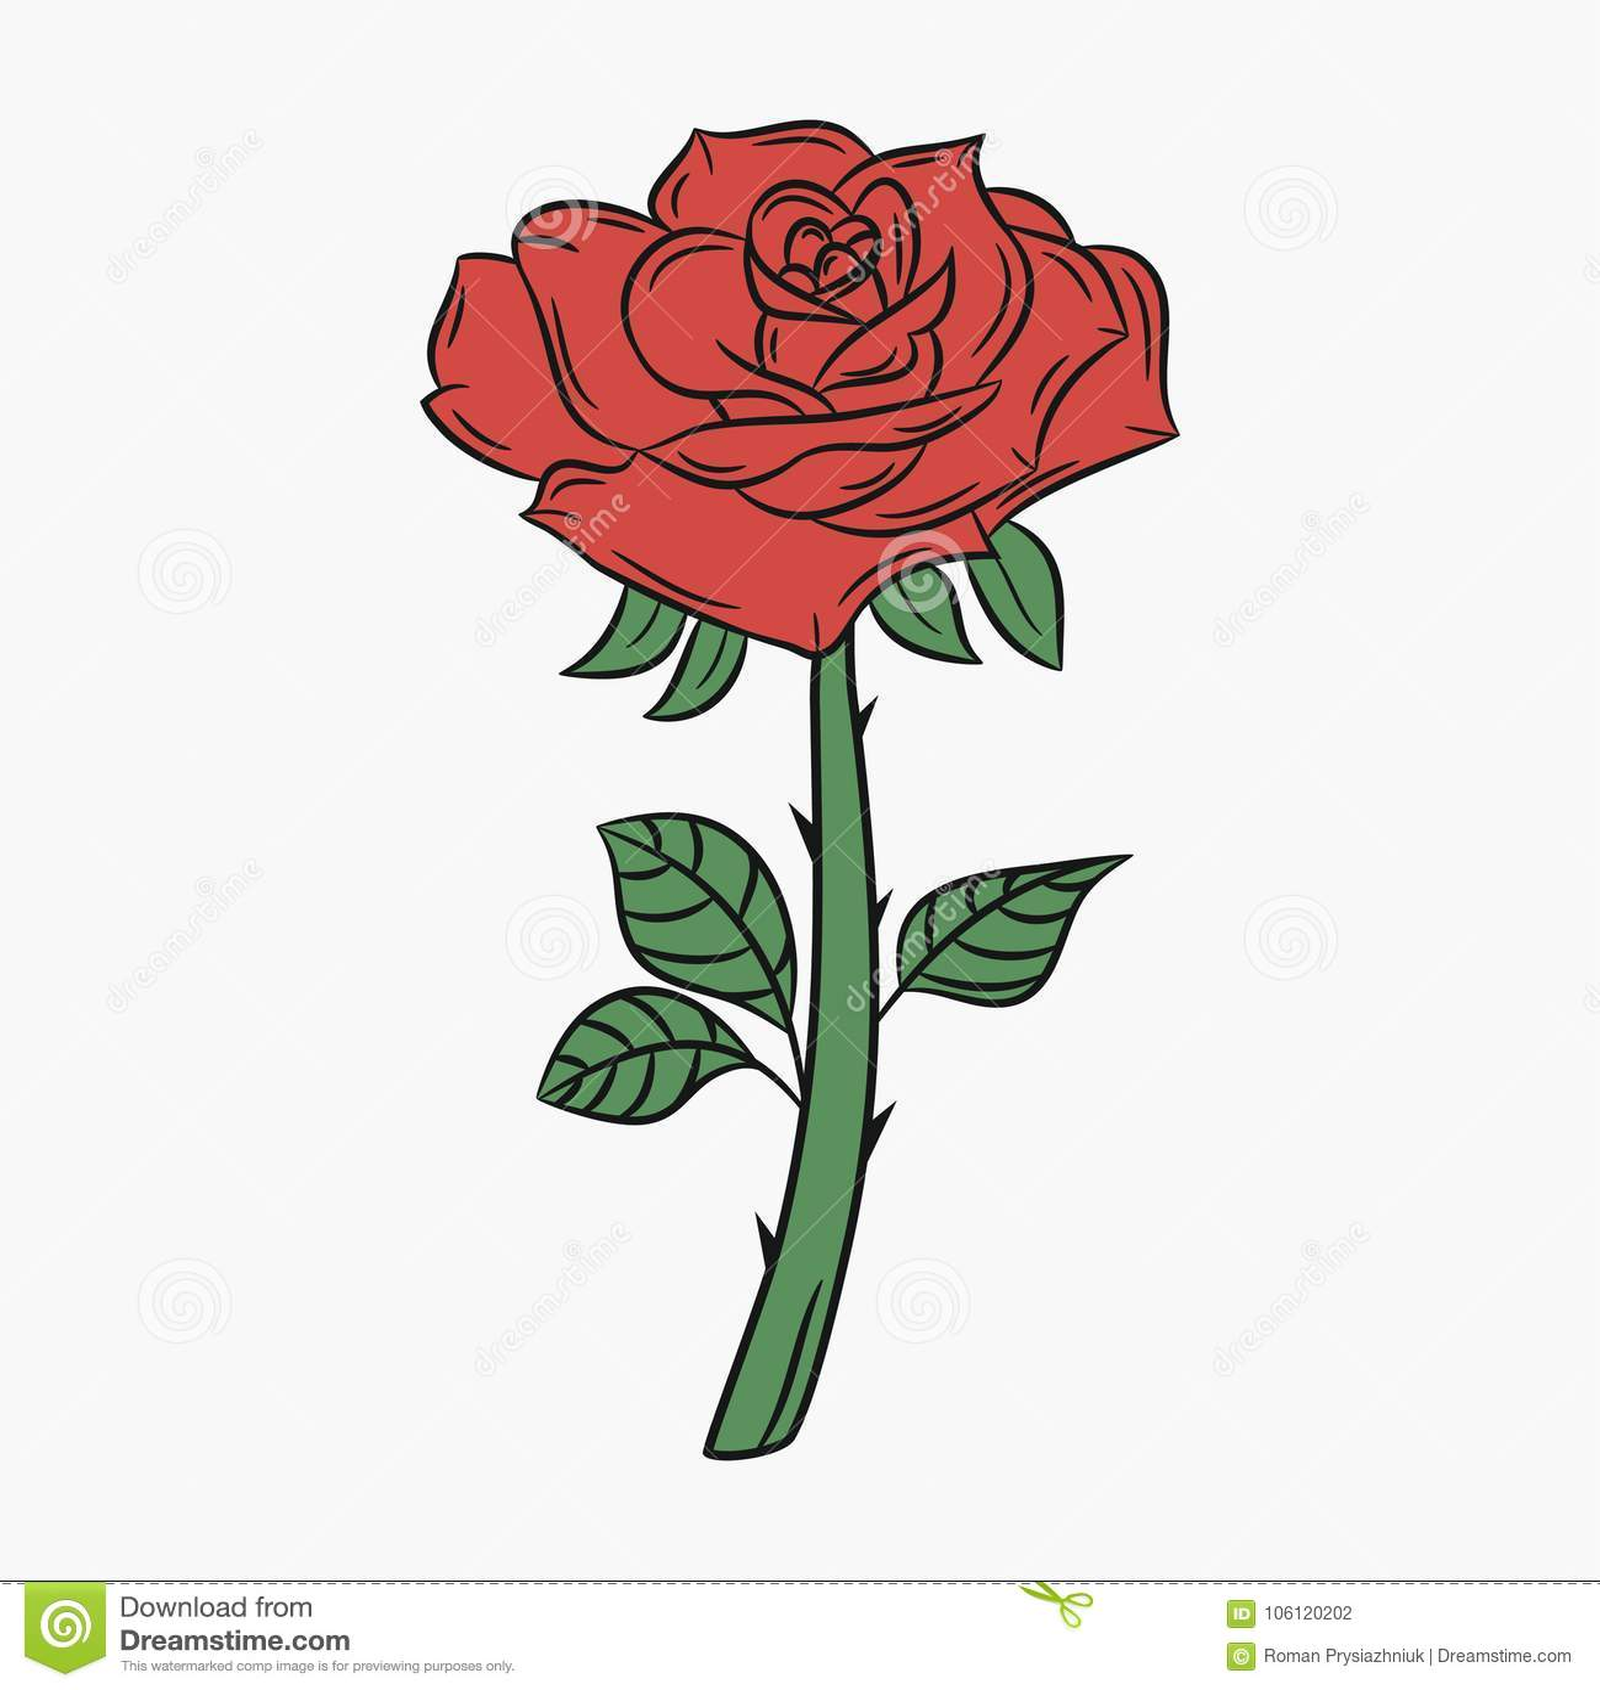 Rosa Flor Com Uma Haste E Os Espinhos Botao Com Petalas Vermelhas